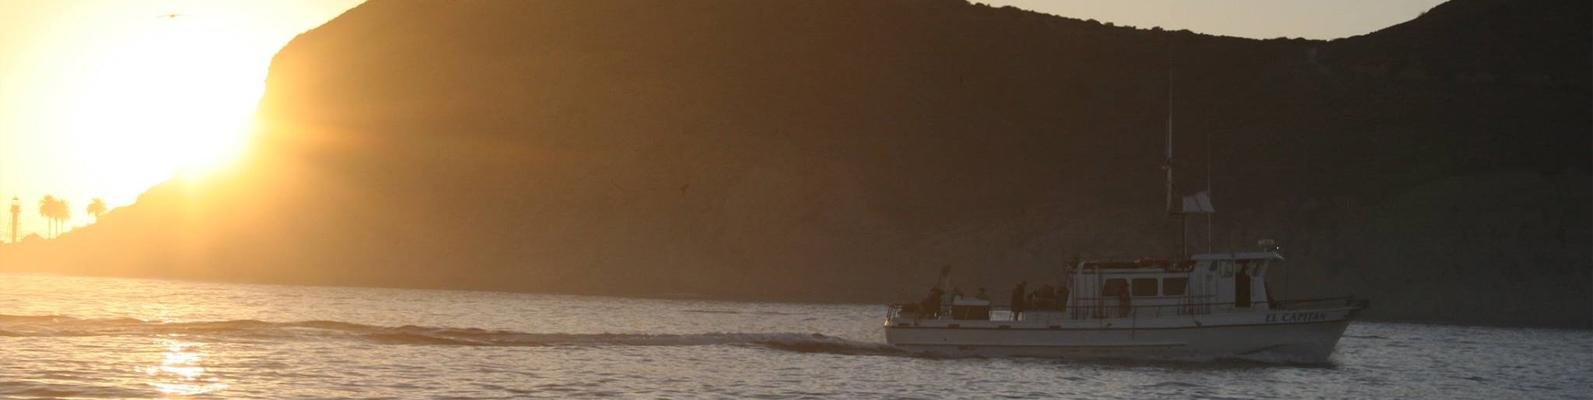 Sportfishing on the El Capitan Boat in San Diego